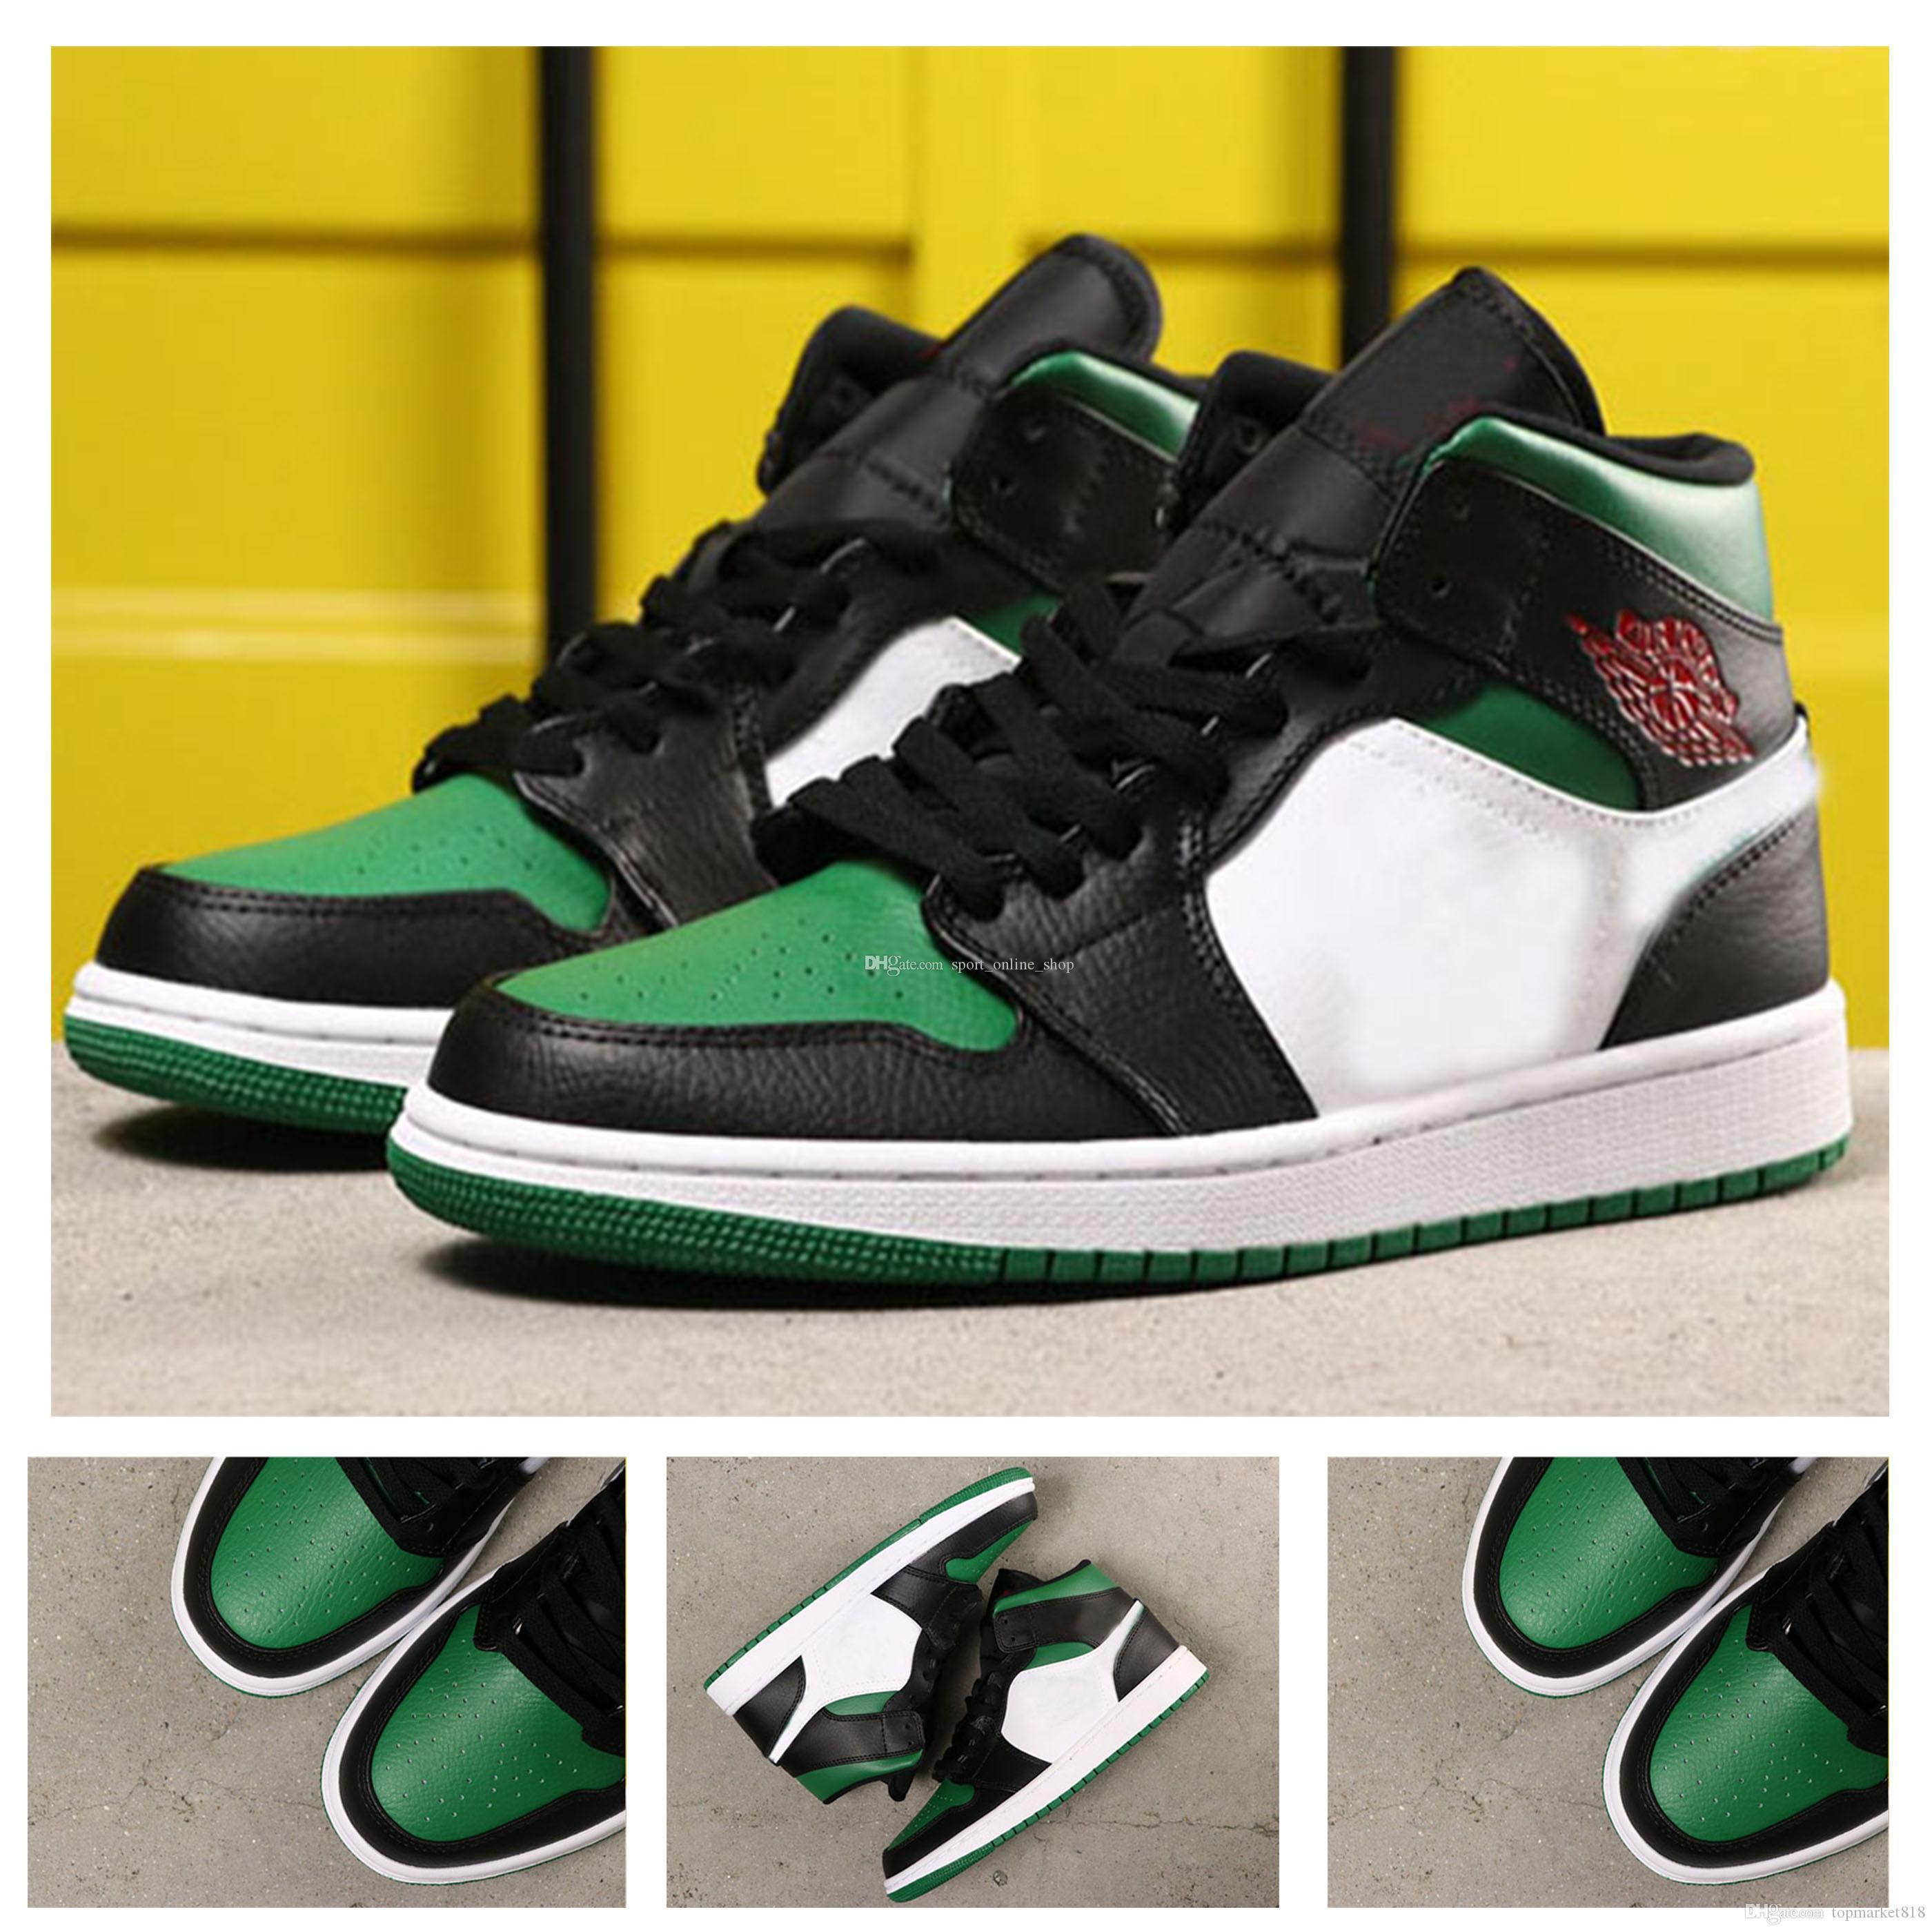 2020 Çıkış yüksek kaliteli 1s 1 Yüksek OG Çam Green 1s Man Basketbol Ayakkabı kutusu 555088-067 açık Spor Sneakers